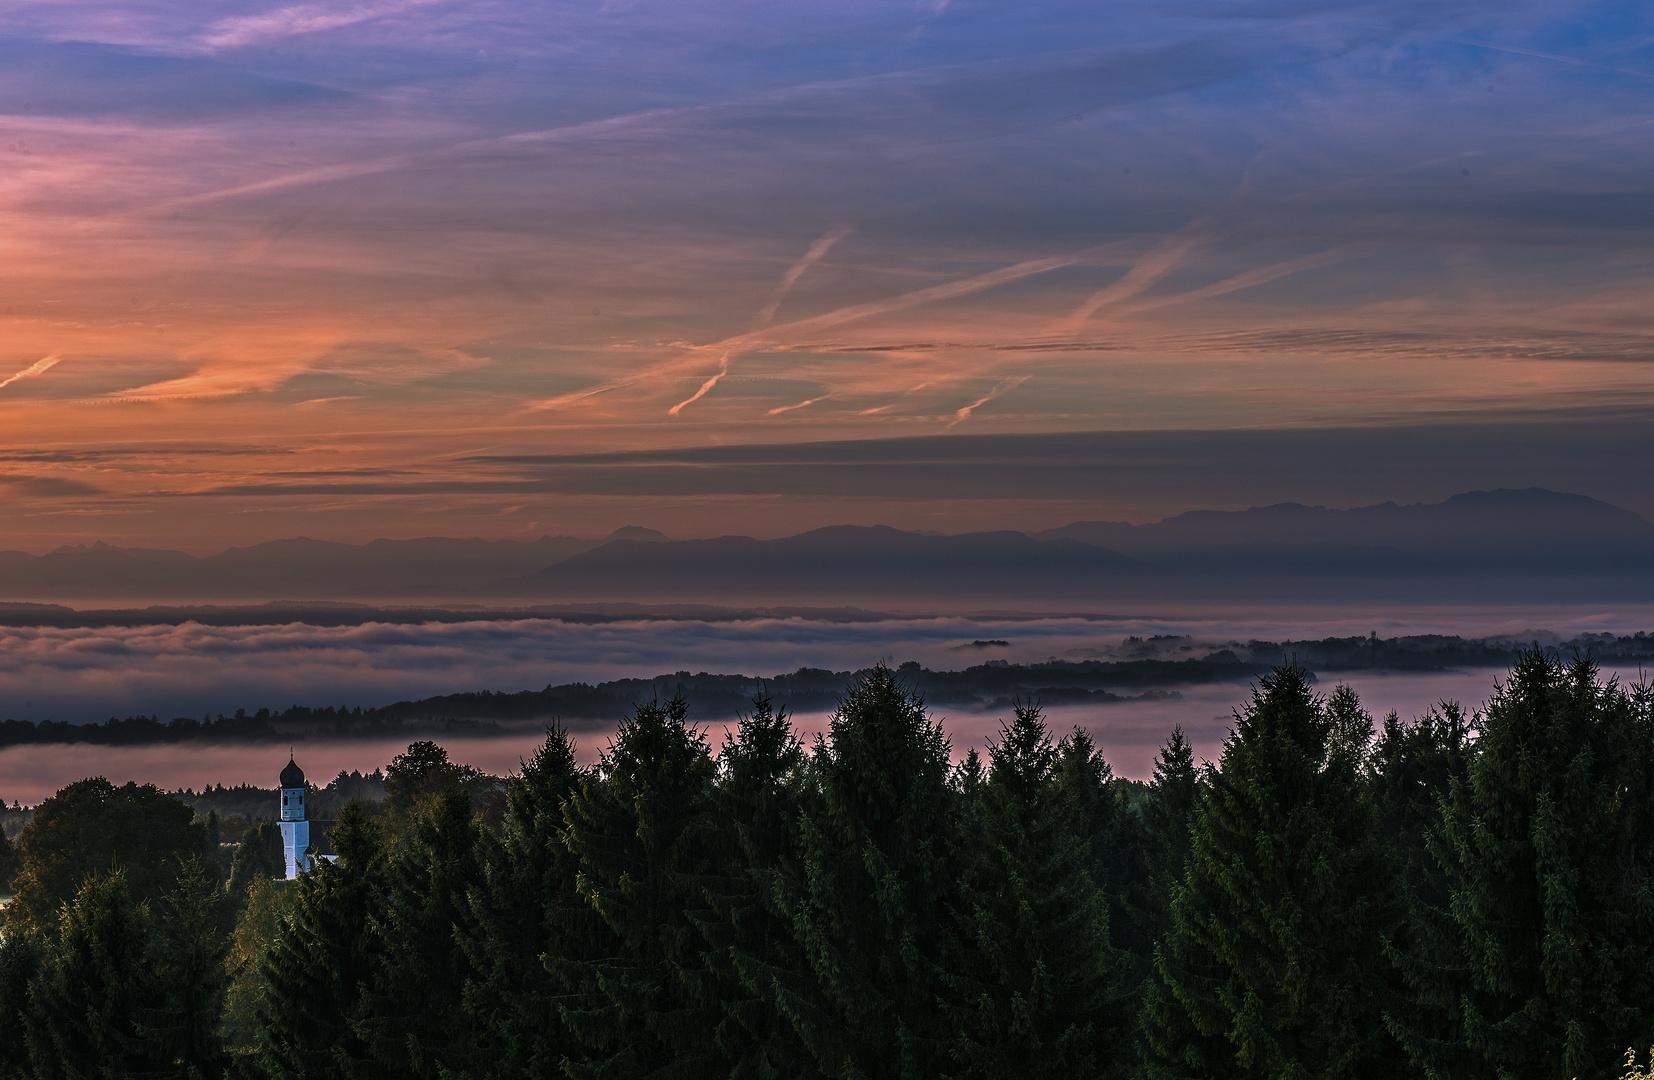 Ilkahöhe / Kirchlein St. Nikolaus  mit Blick auf den Alpenhauptkamm